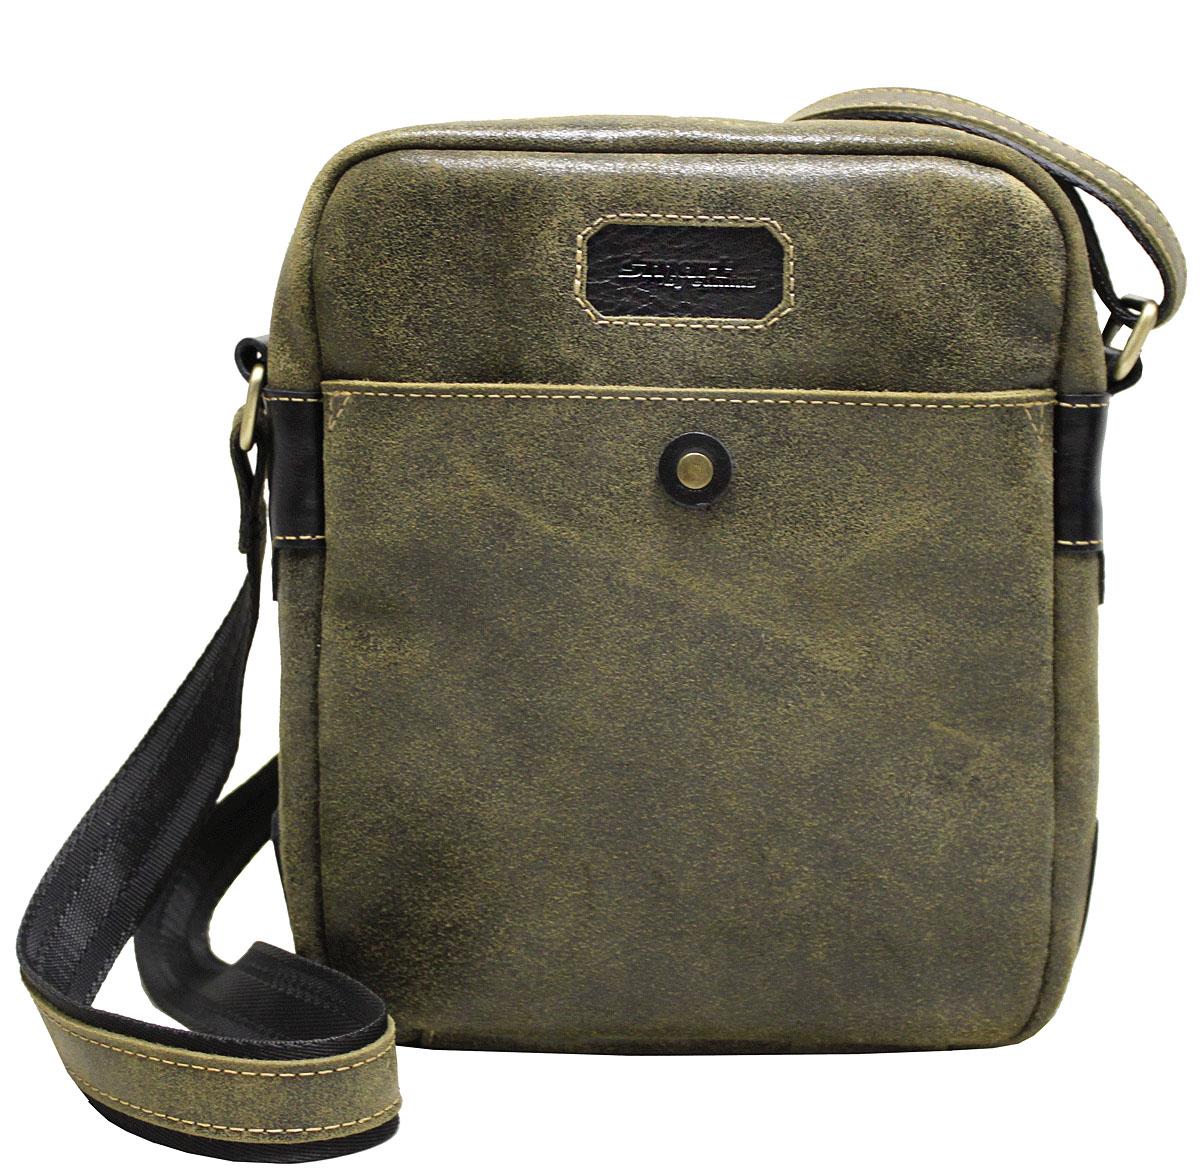 Сумка-планшет мужская Edmins Smart by Edmins, цвет: хаки. 14С656КОЗ14С656КОЗМужская сумка Edmins имеет одно отделение, закрывающееся на застежку-молнию. Оснащена регулируемым плечевым ремнем. C тыльной стороны сумки расположен прорезной карман на застежке-молнии. С передней стороны имеется накладной карман.